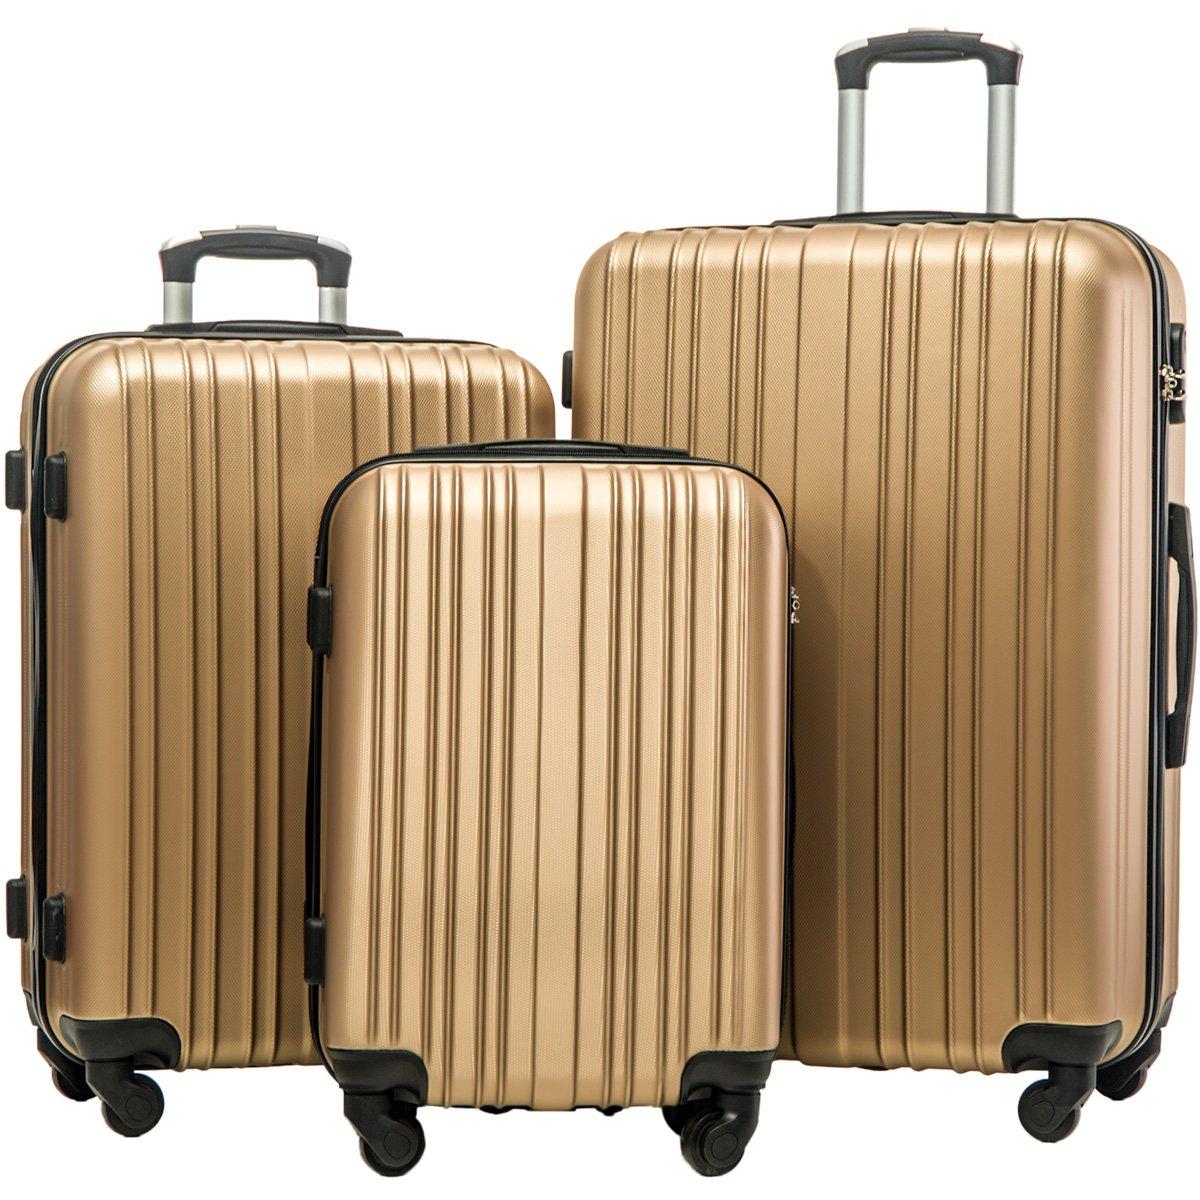 Merax Hylas 3 Piece Luggage Set Lightweight Spinner Suitcase(Champagne Gold)